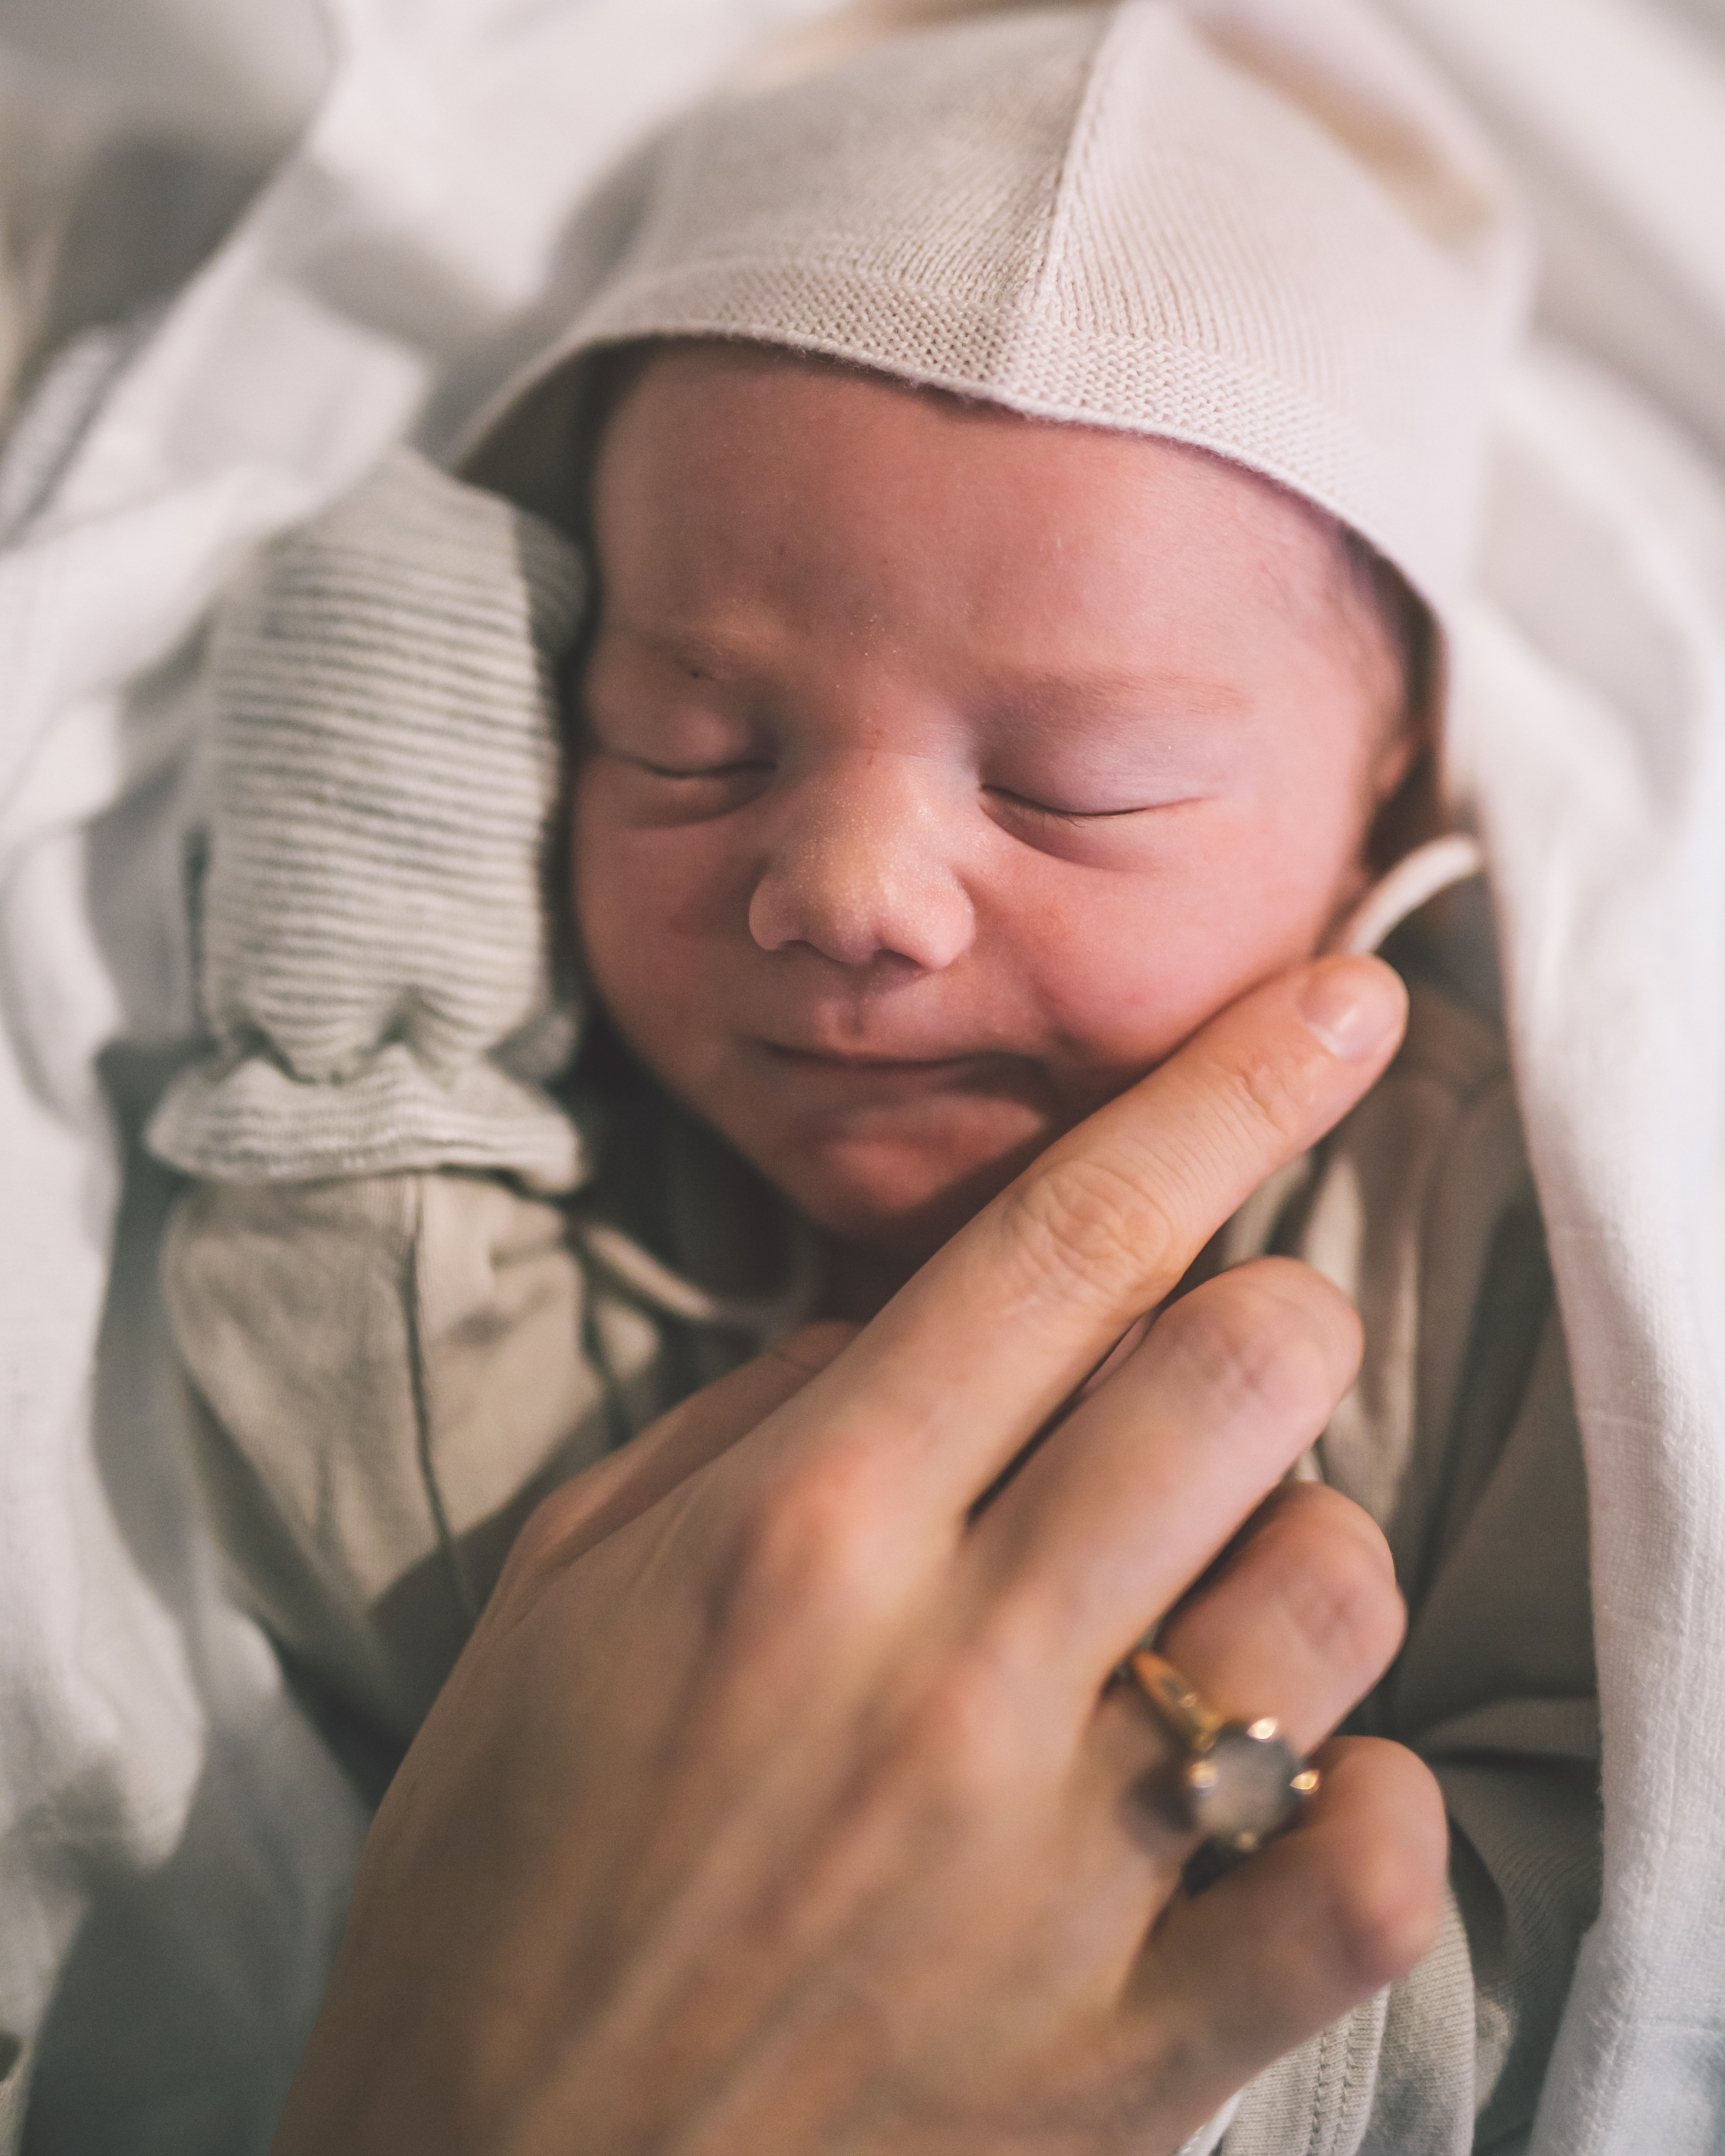 César_Bila_Birth_Day-6